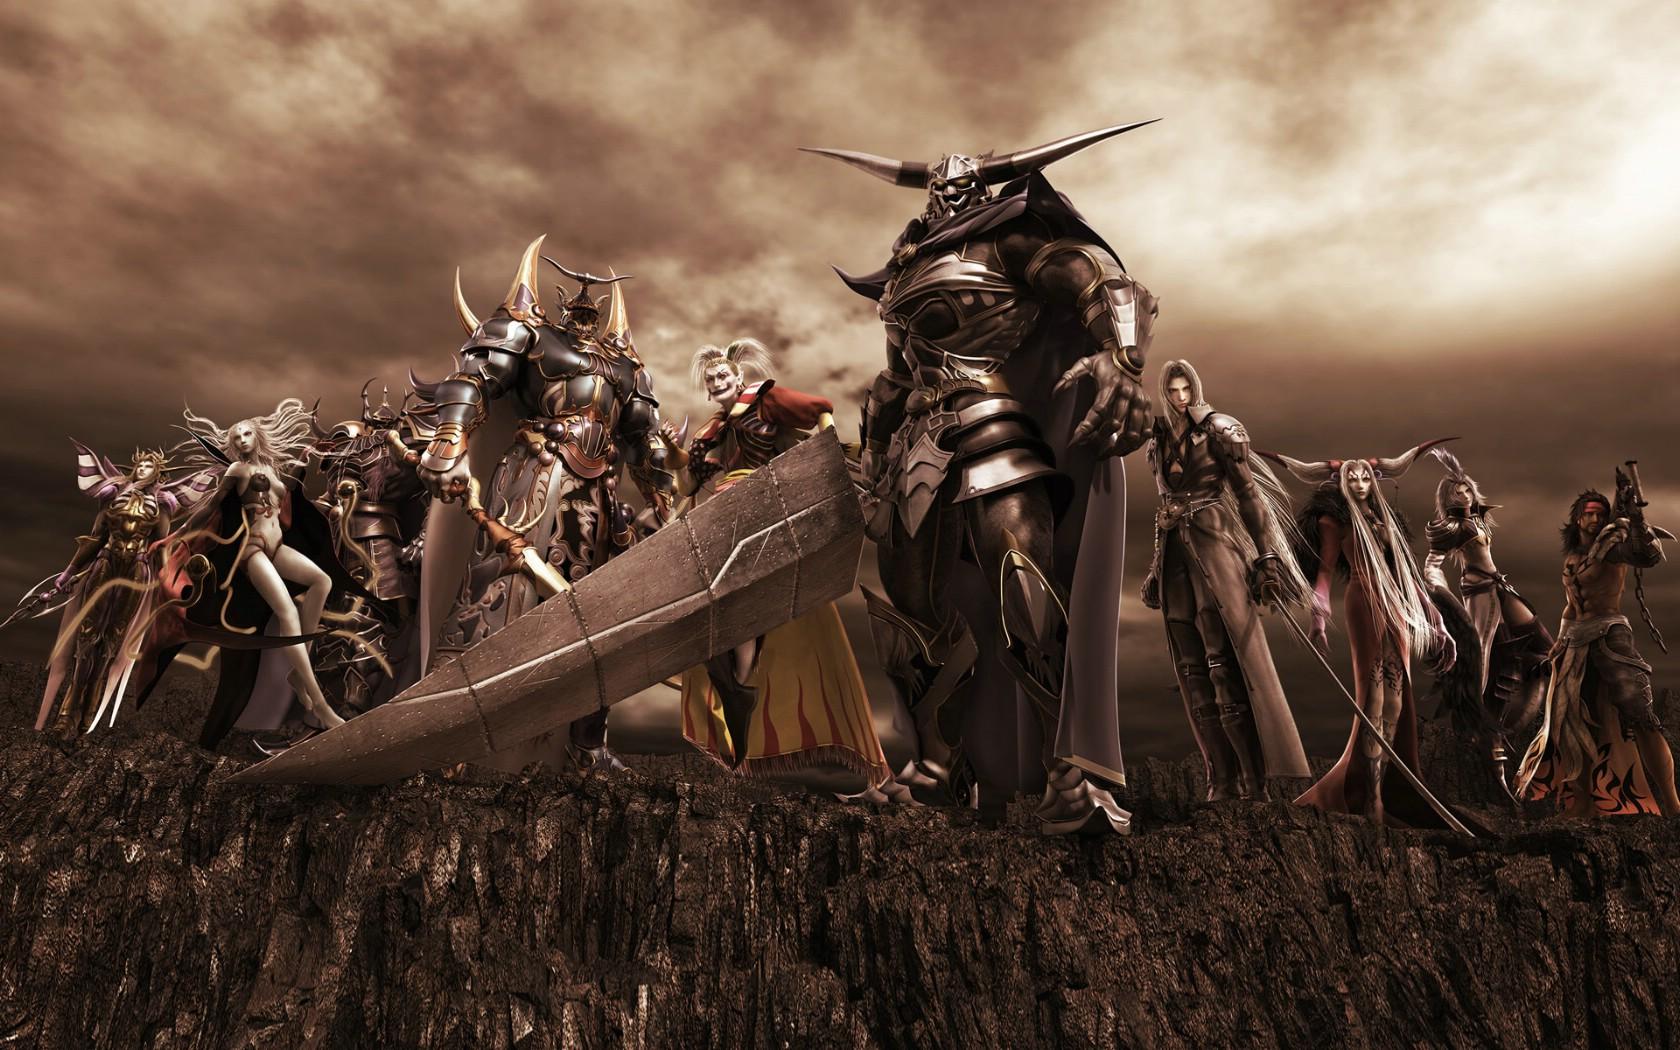 1050最终幻想系列 4 4壁纸,最终幻想系列壁纸图片